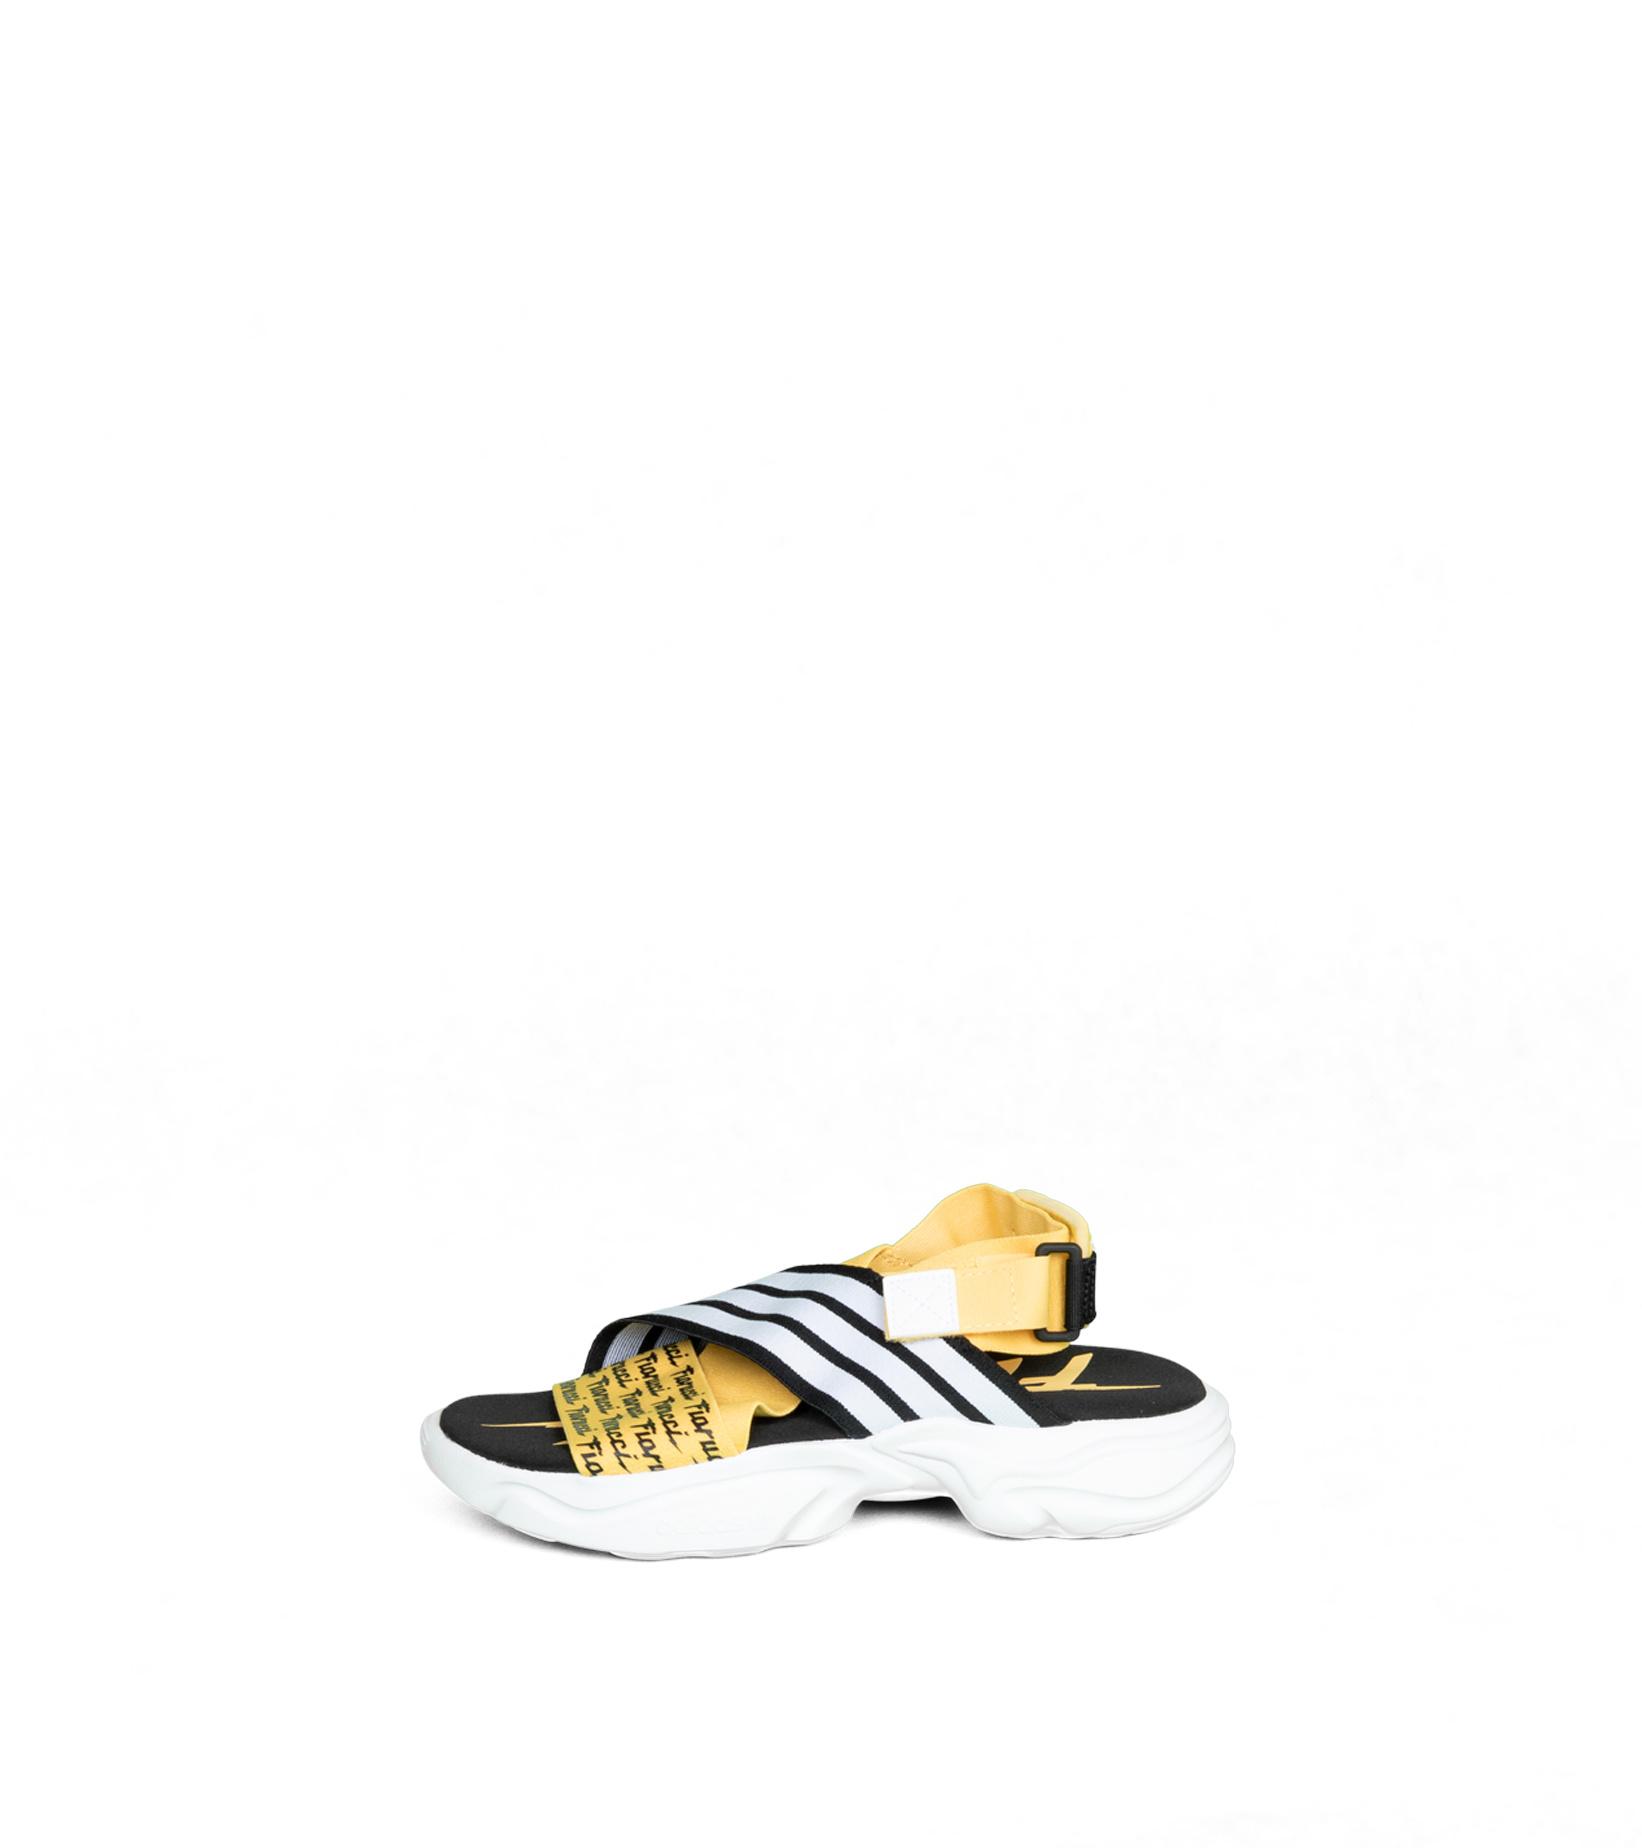 """Magmur Sandal W x Fiorucci """"Yellow/White""""-3"""